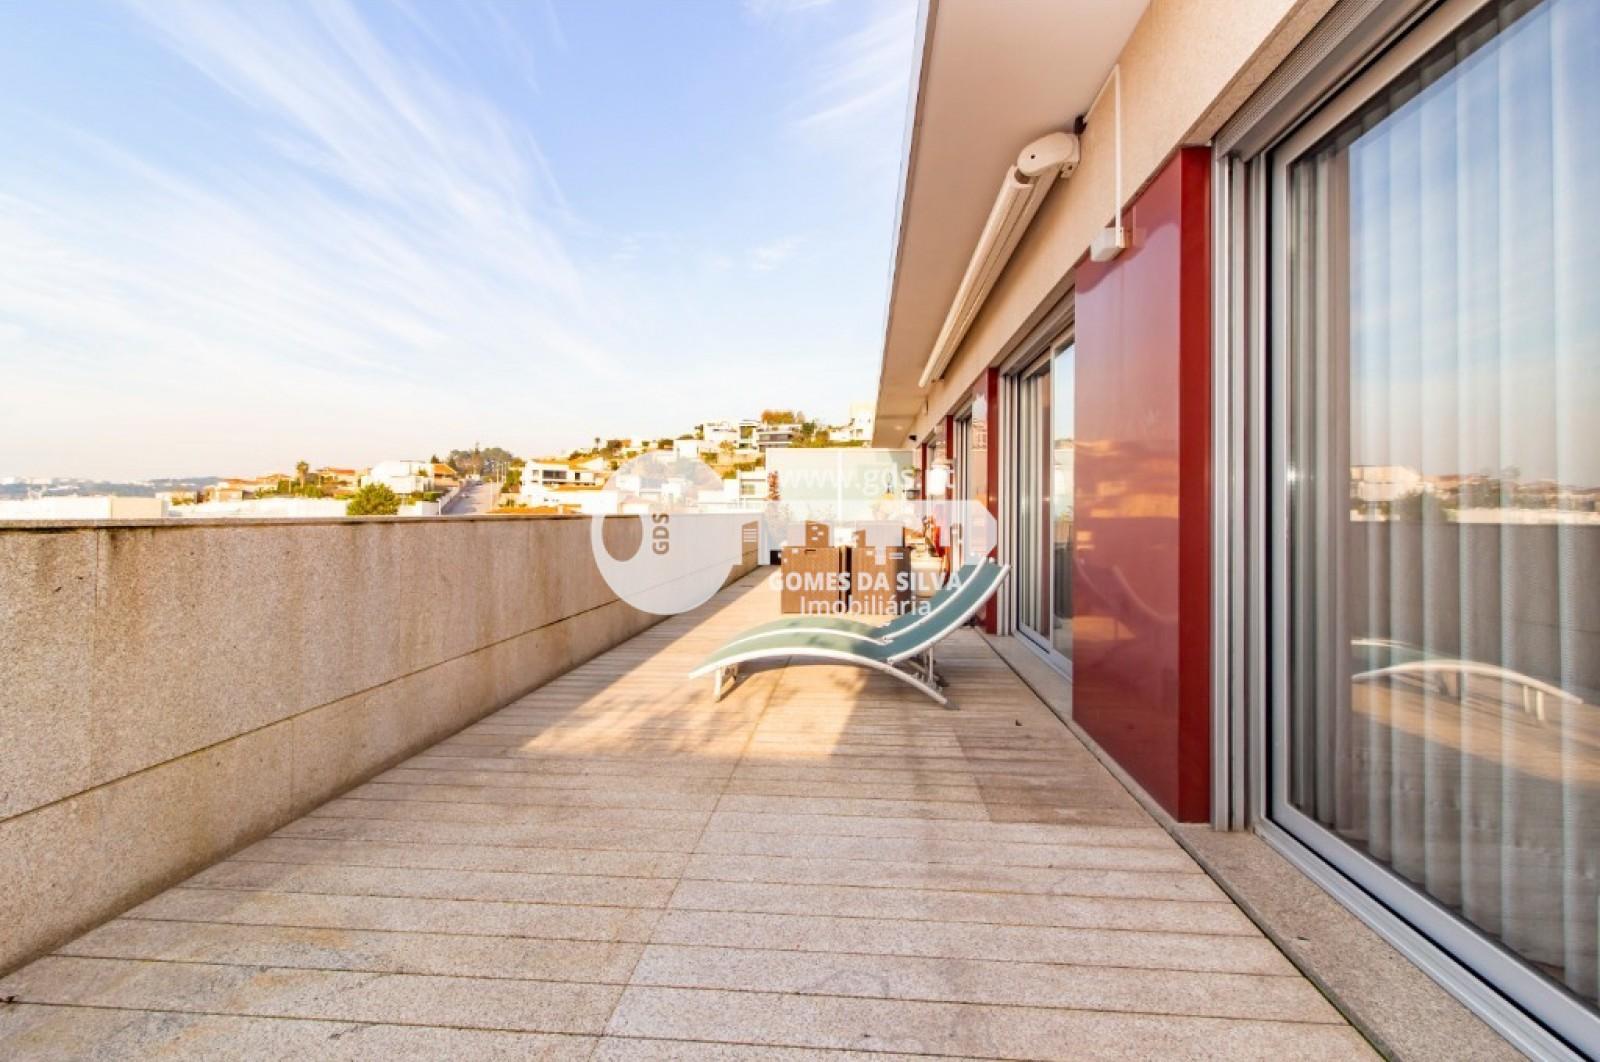 Apartamento T3 para Venda em Nogueira, Fraião e Lamaçães, Braga, Braga - Imagem 26